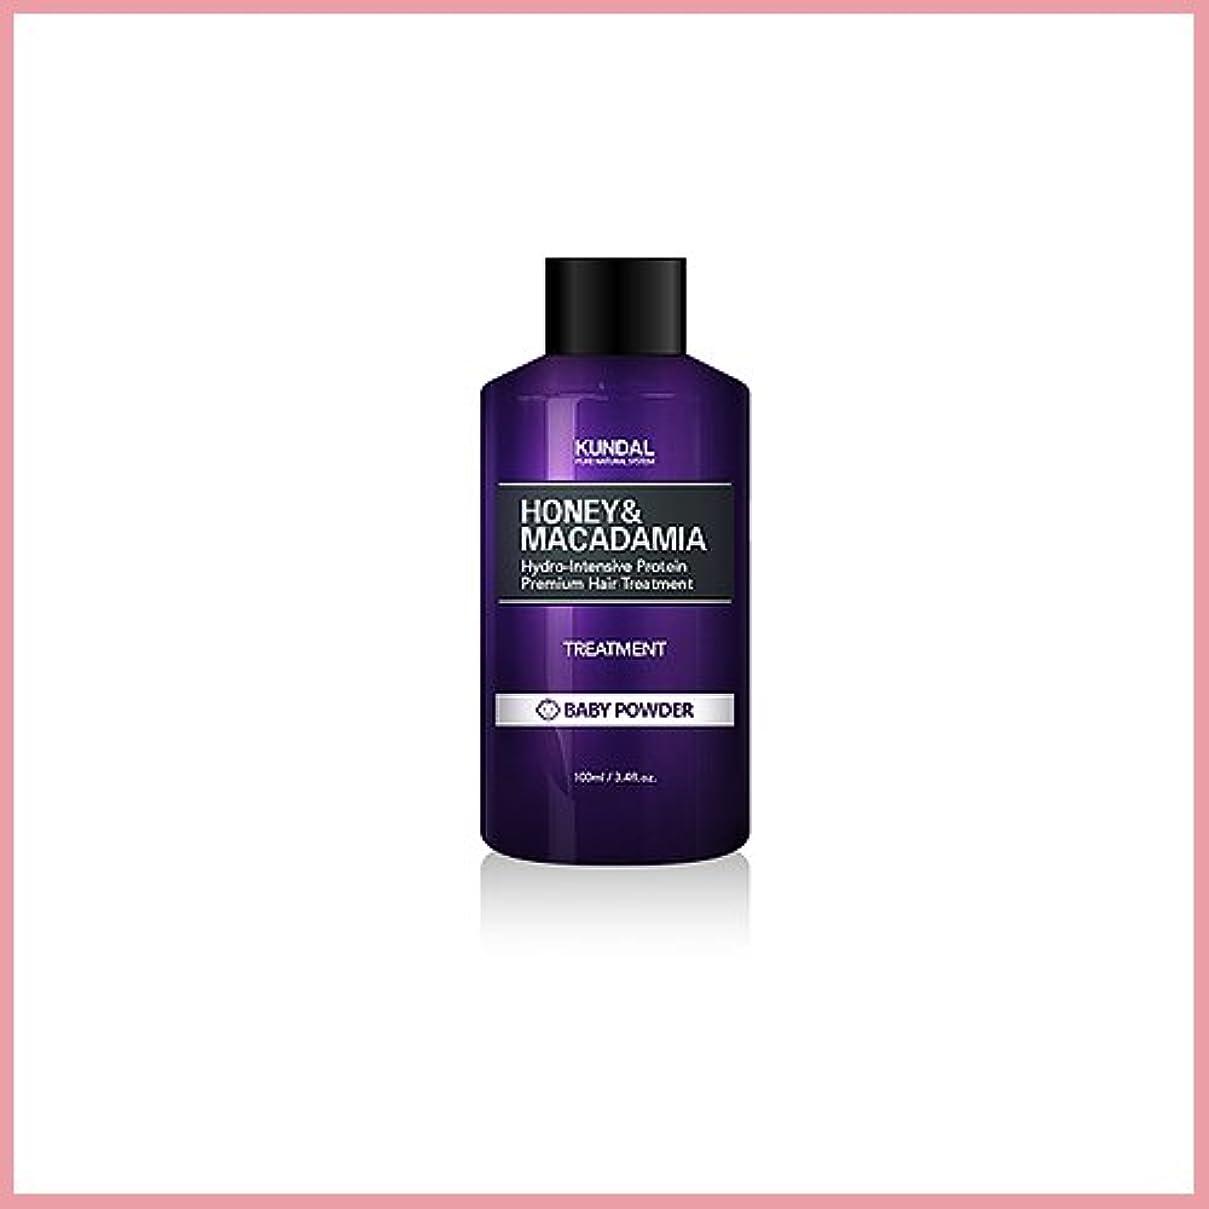 の威信制限[KUNDAL/クンダル] Kundal Premium Hair Treatment 100ml [2017年韓国満足度1位][TTBEAUTY][韓国コスメ]